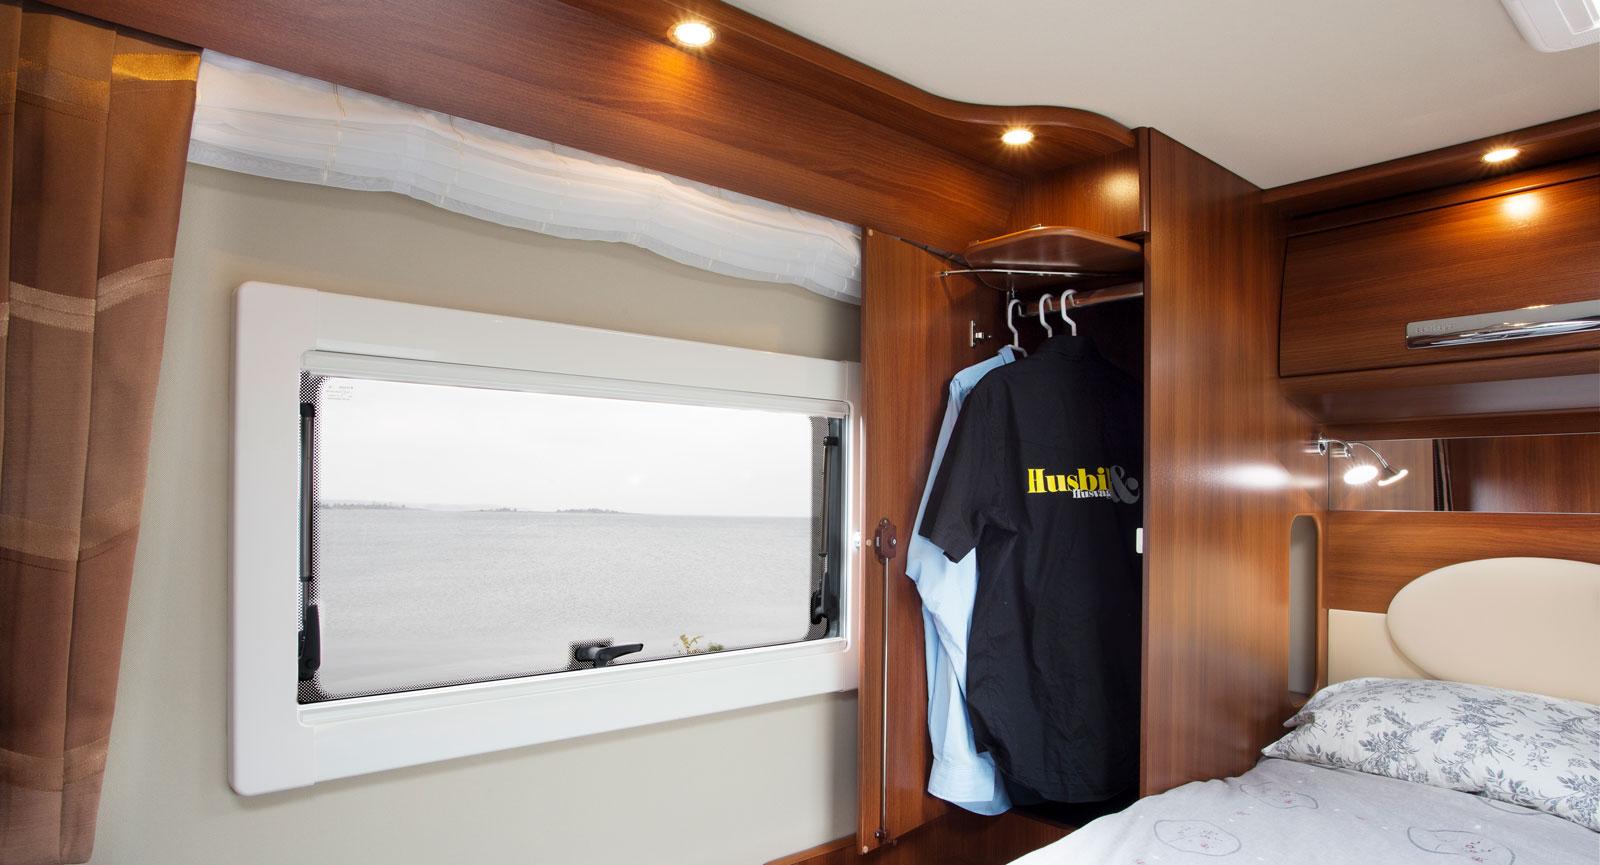 Utsikt. PÅ var sida i sovrummet finns ett fönster och en garderob. För att kunna hänga kläder sjuts klädtången ut en aning.